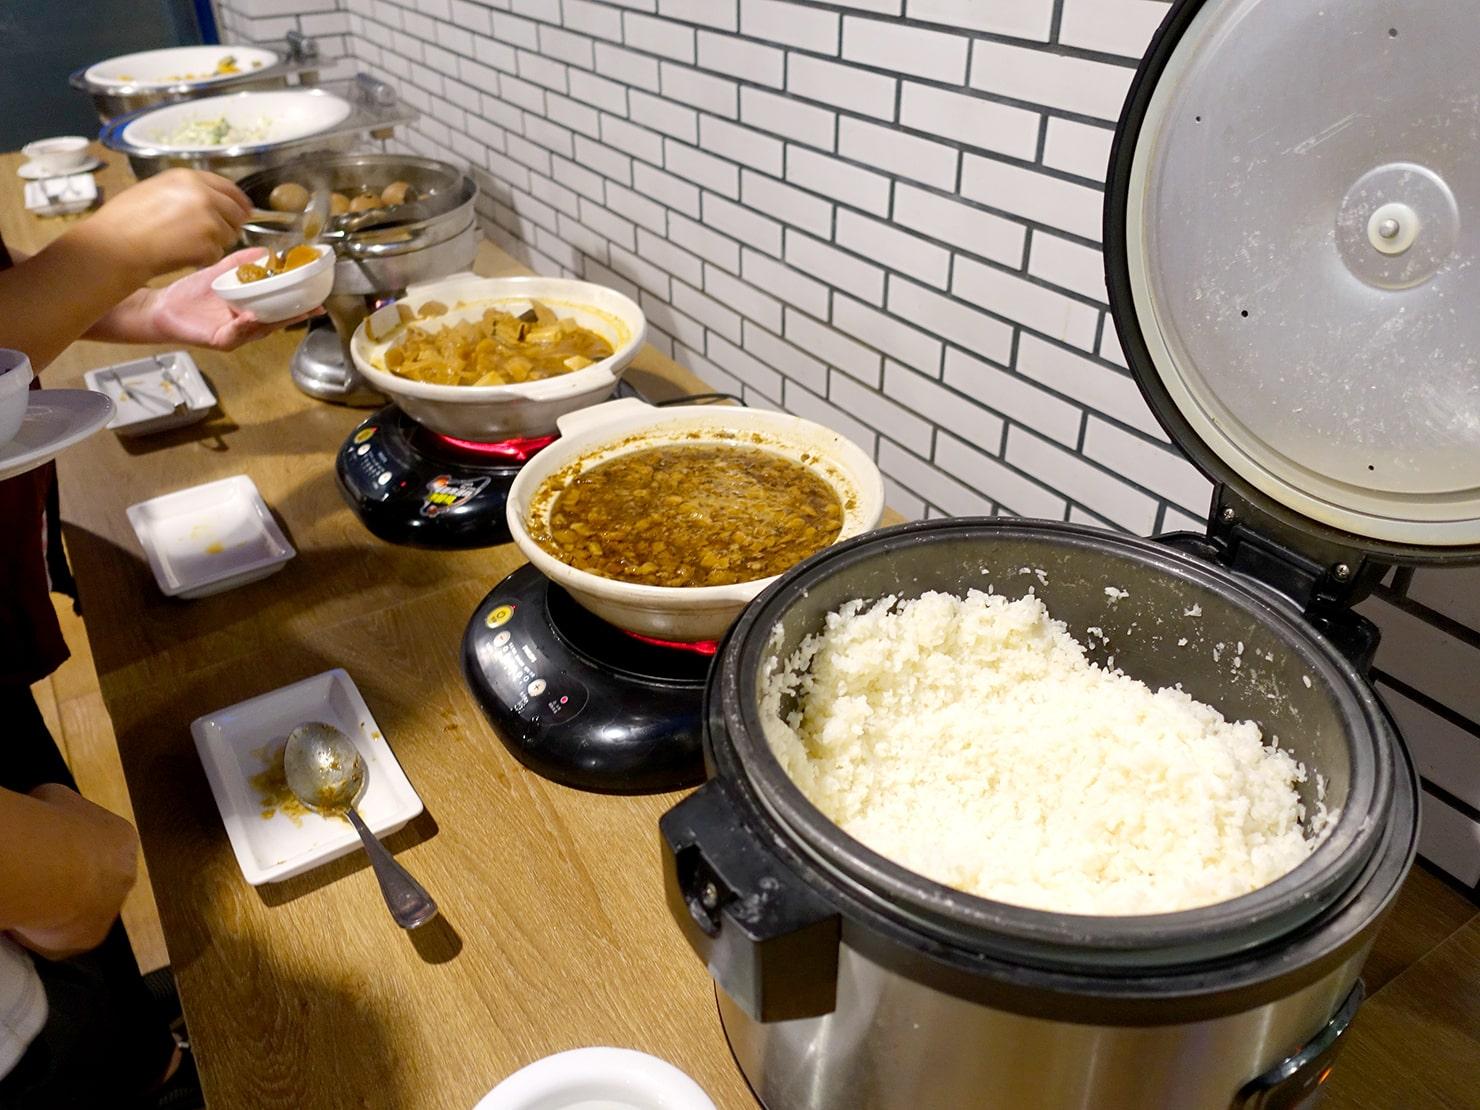 台南駅が目の前の老舗ホテル「台南大飯店 Hotel Tainan」の夜食で振舞われた魯肉飯